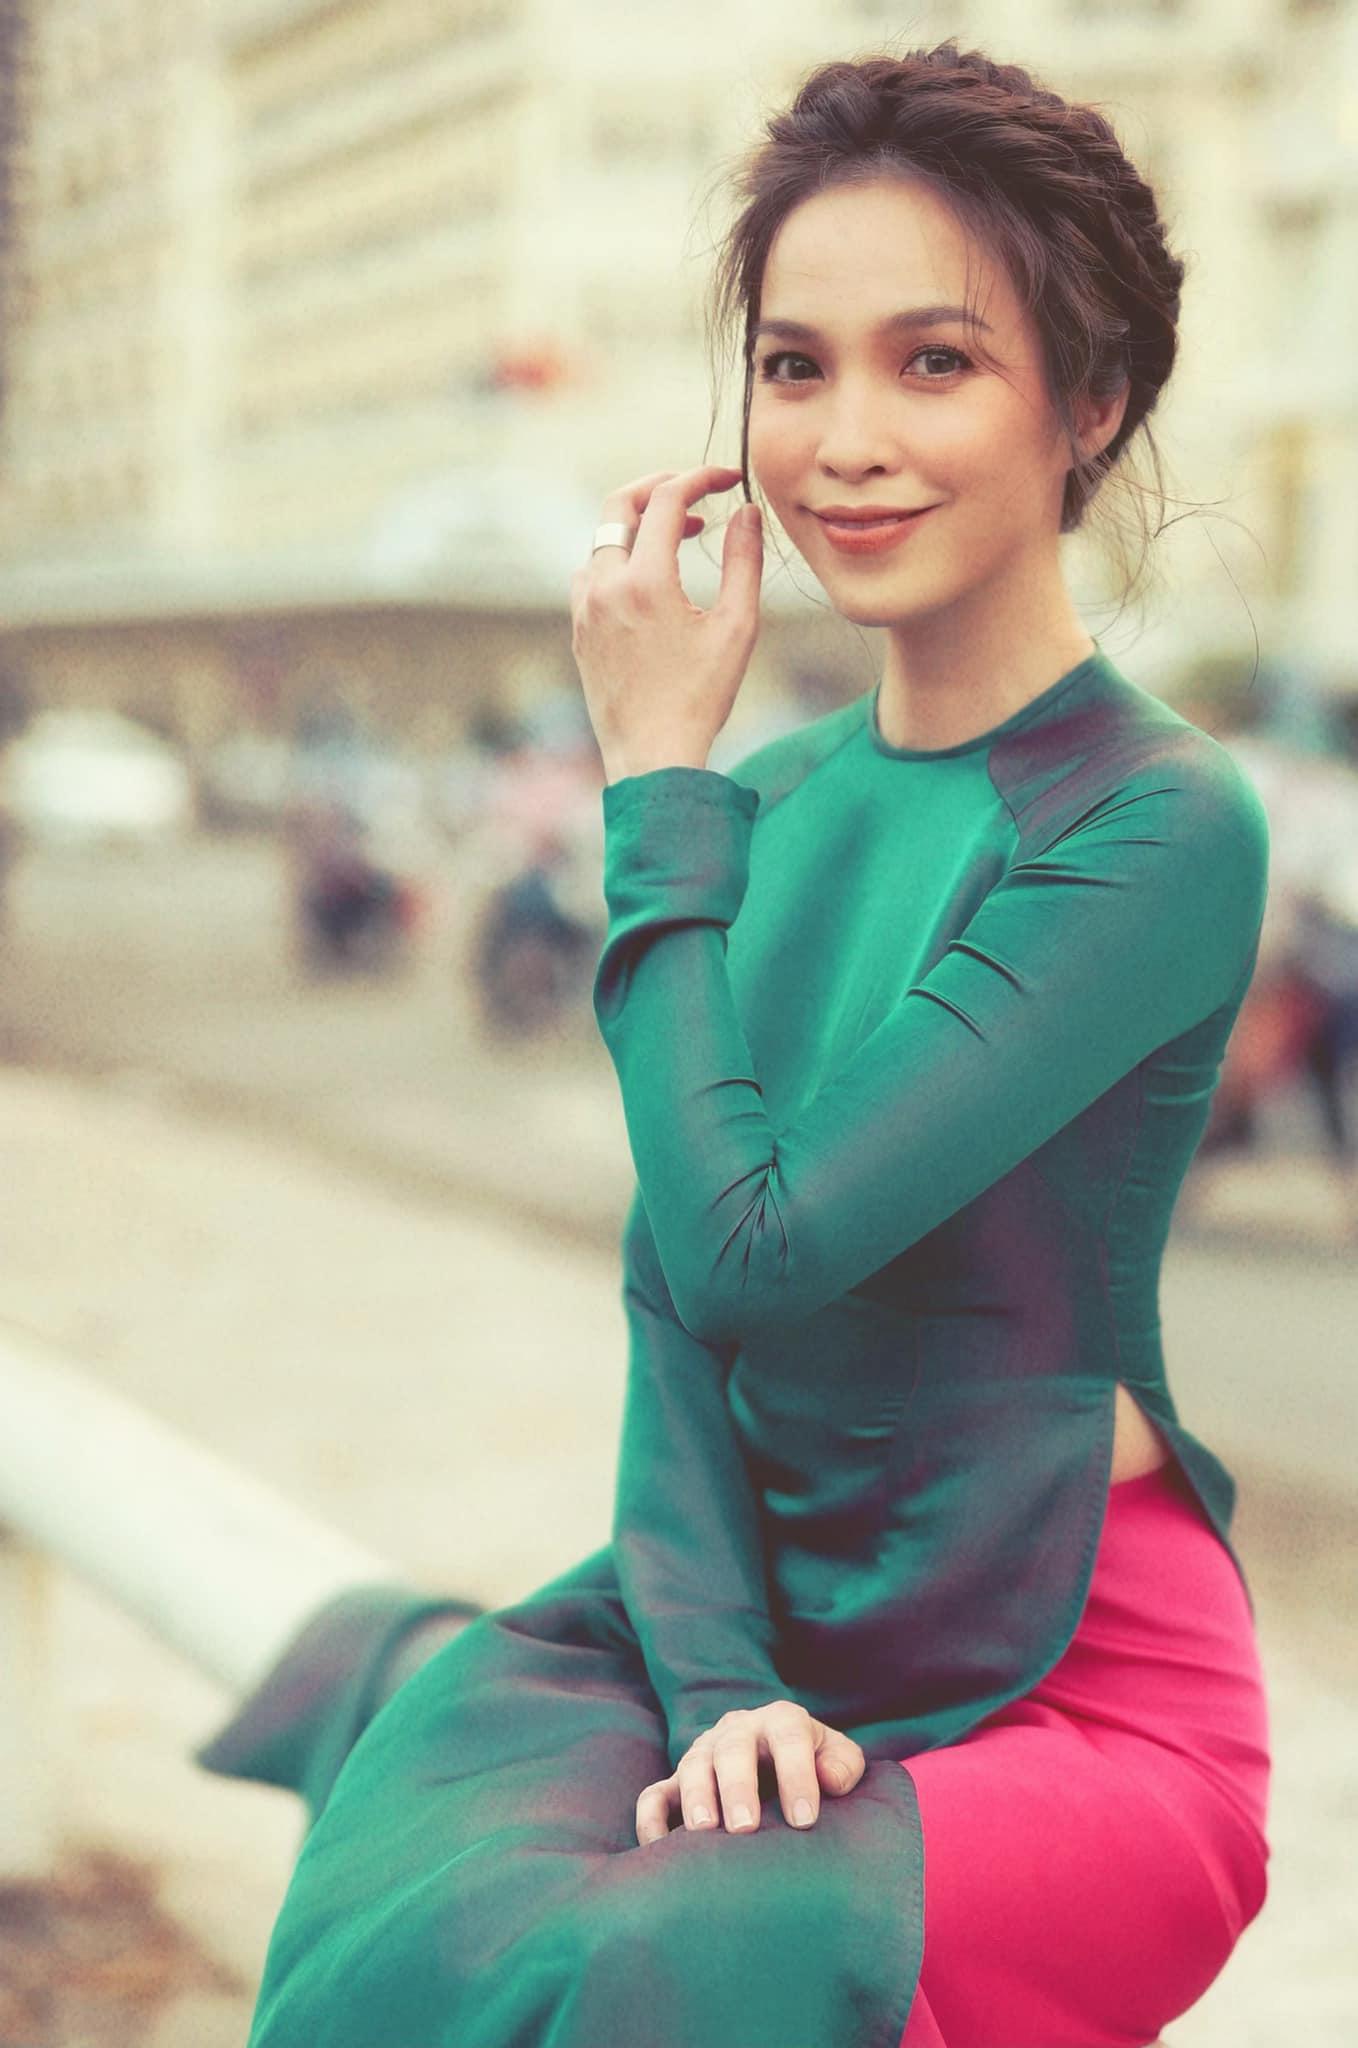 """Hiền Thục diện áo dài hóa """"nàng thơ"""" ở tuổi 40, Cao Thái Hà dẫn đầu """"hội mỹ nhân nóng bỏng"""" tuần qua - Ảnh 3."""